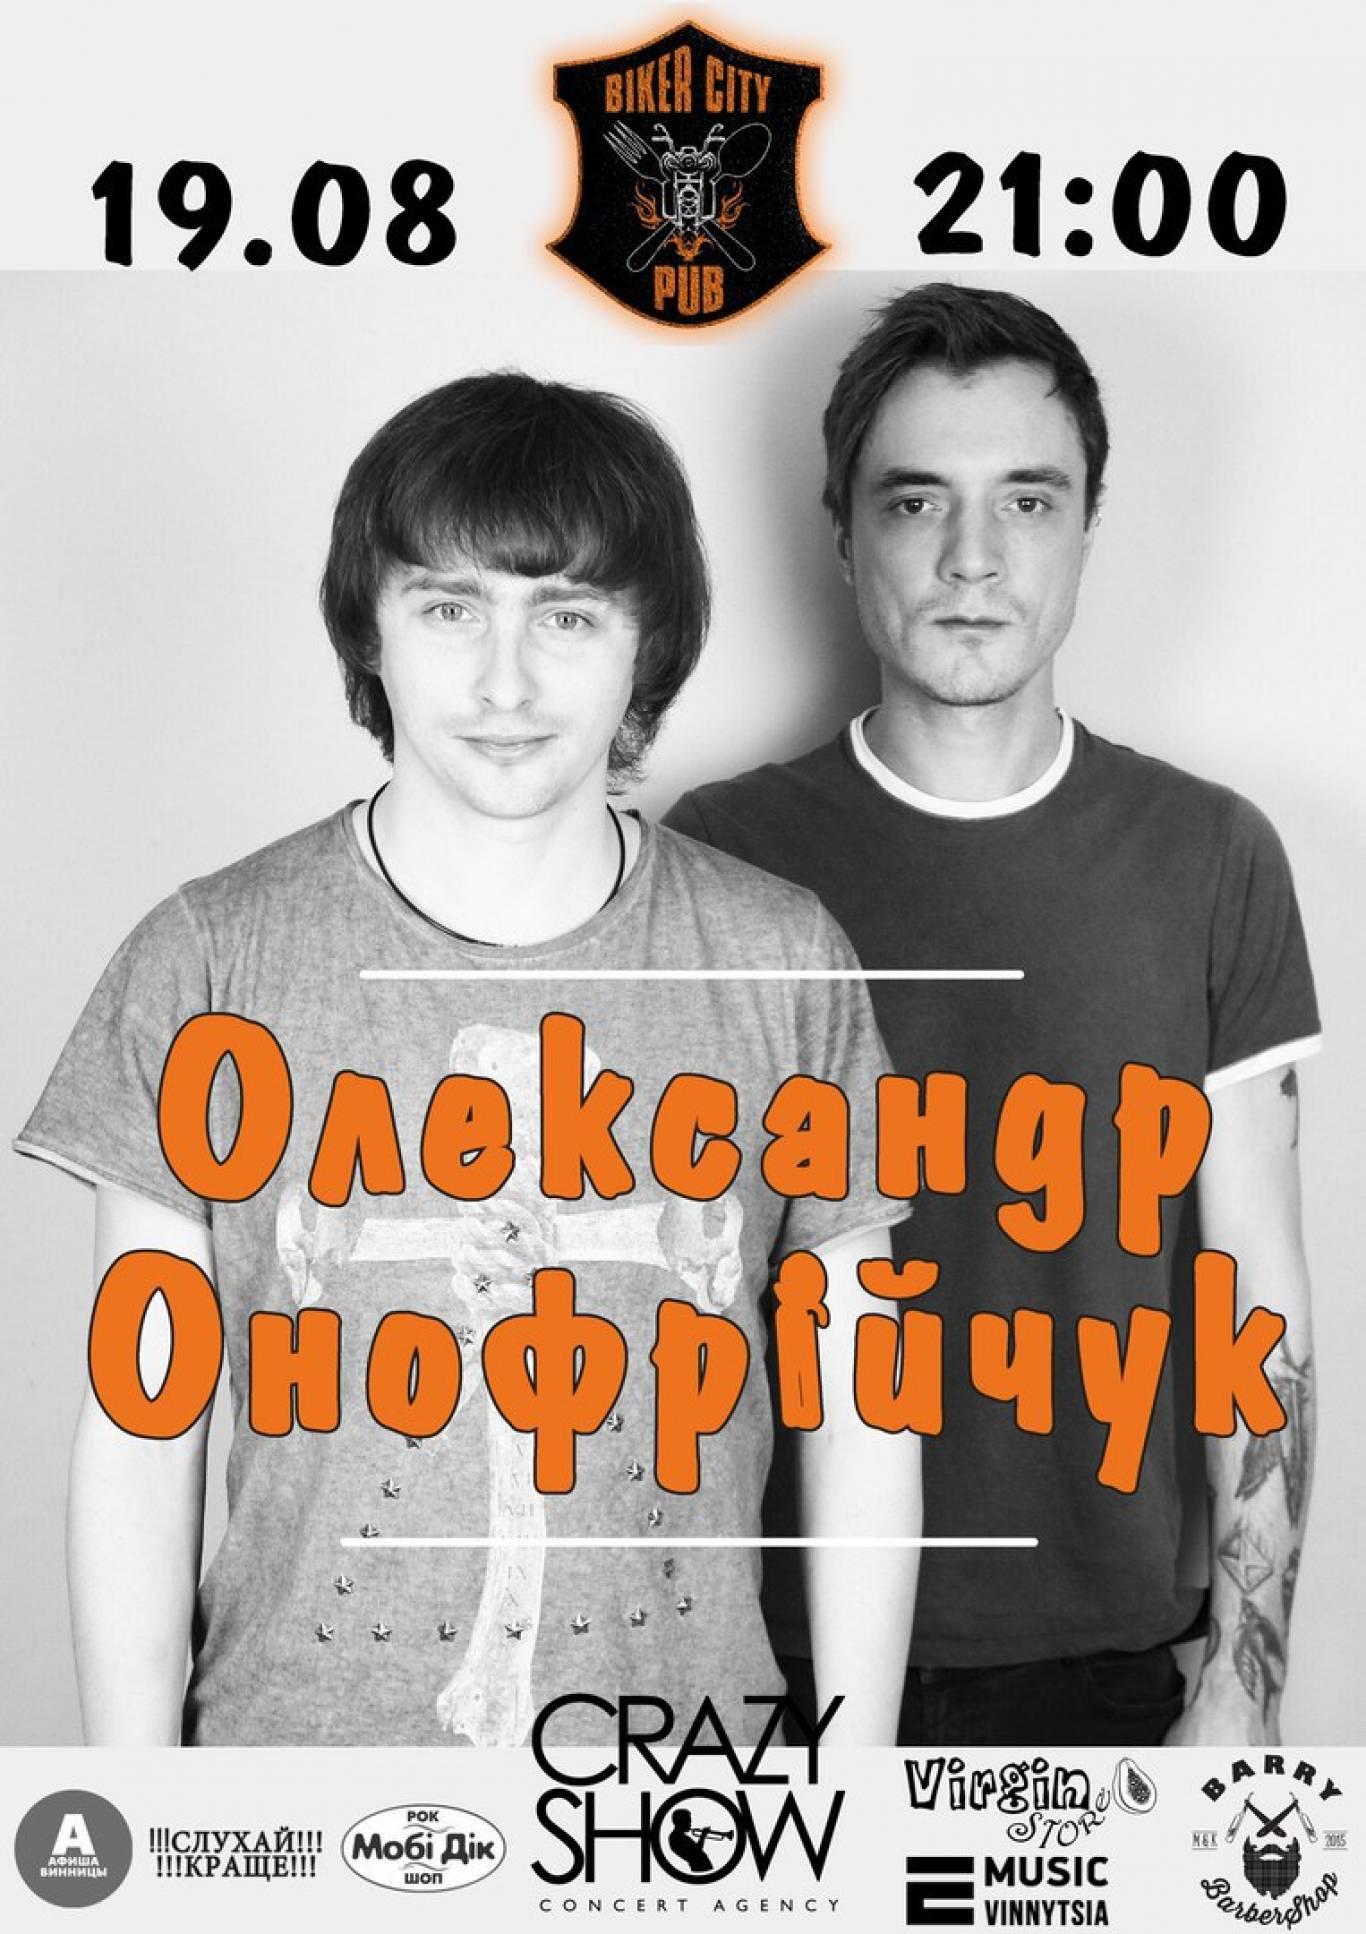 Рок-концерт з Олександром Онофрійчуком